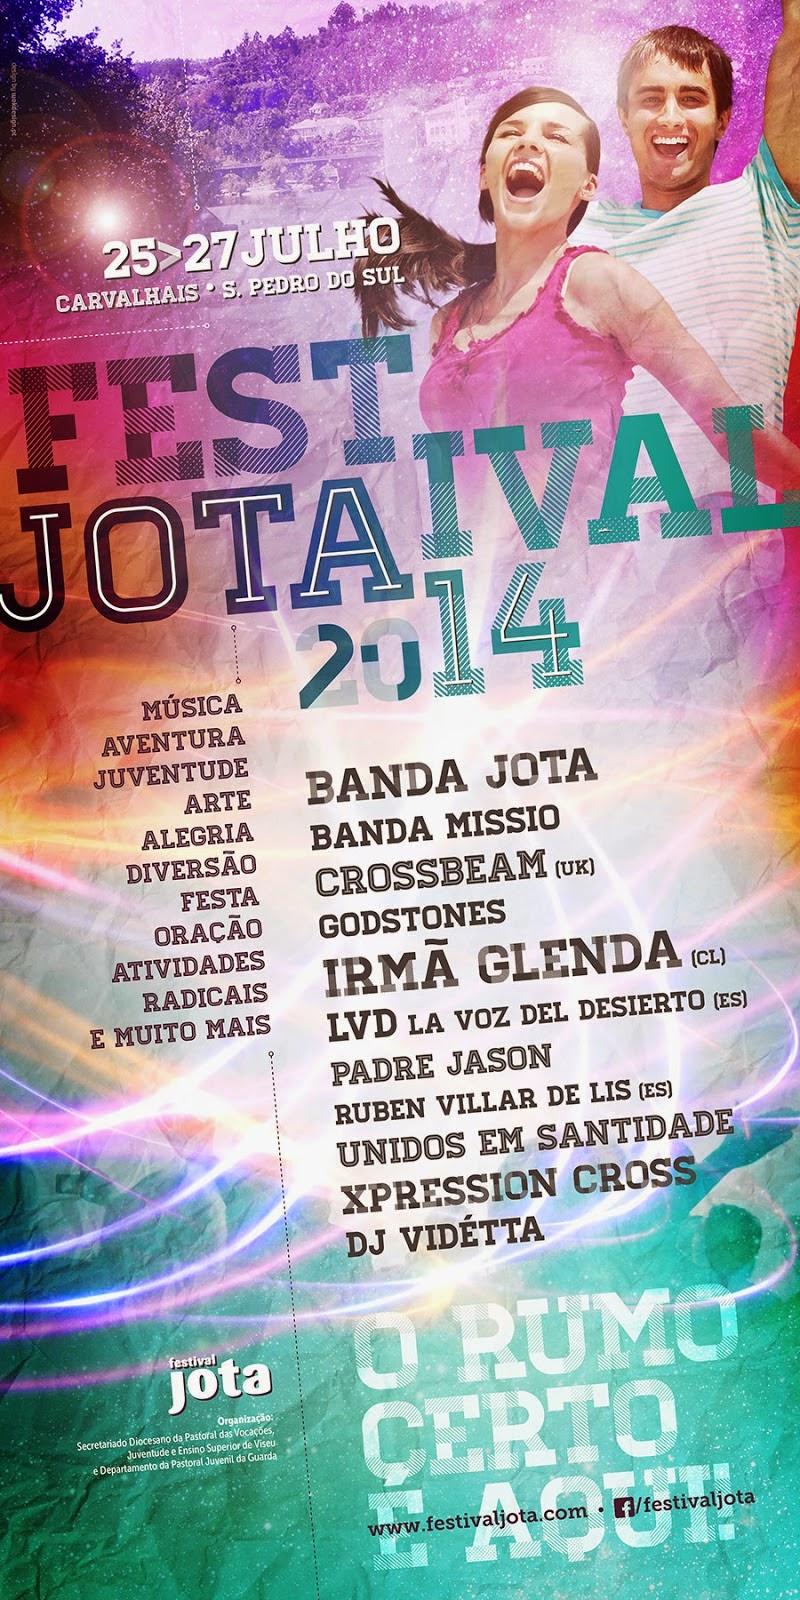 FESTIVAL JOTA